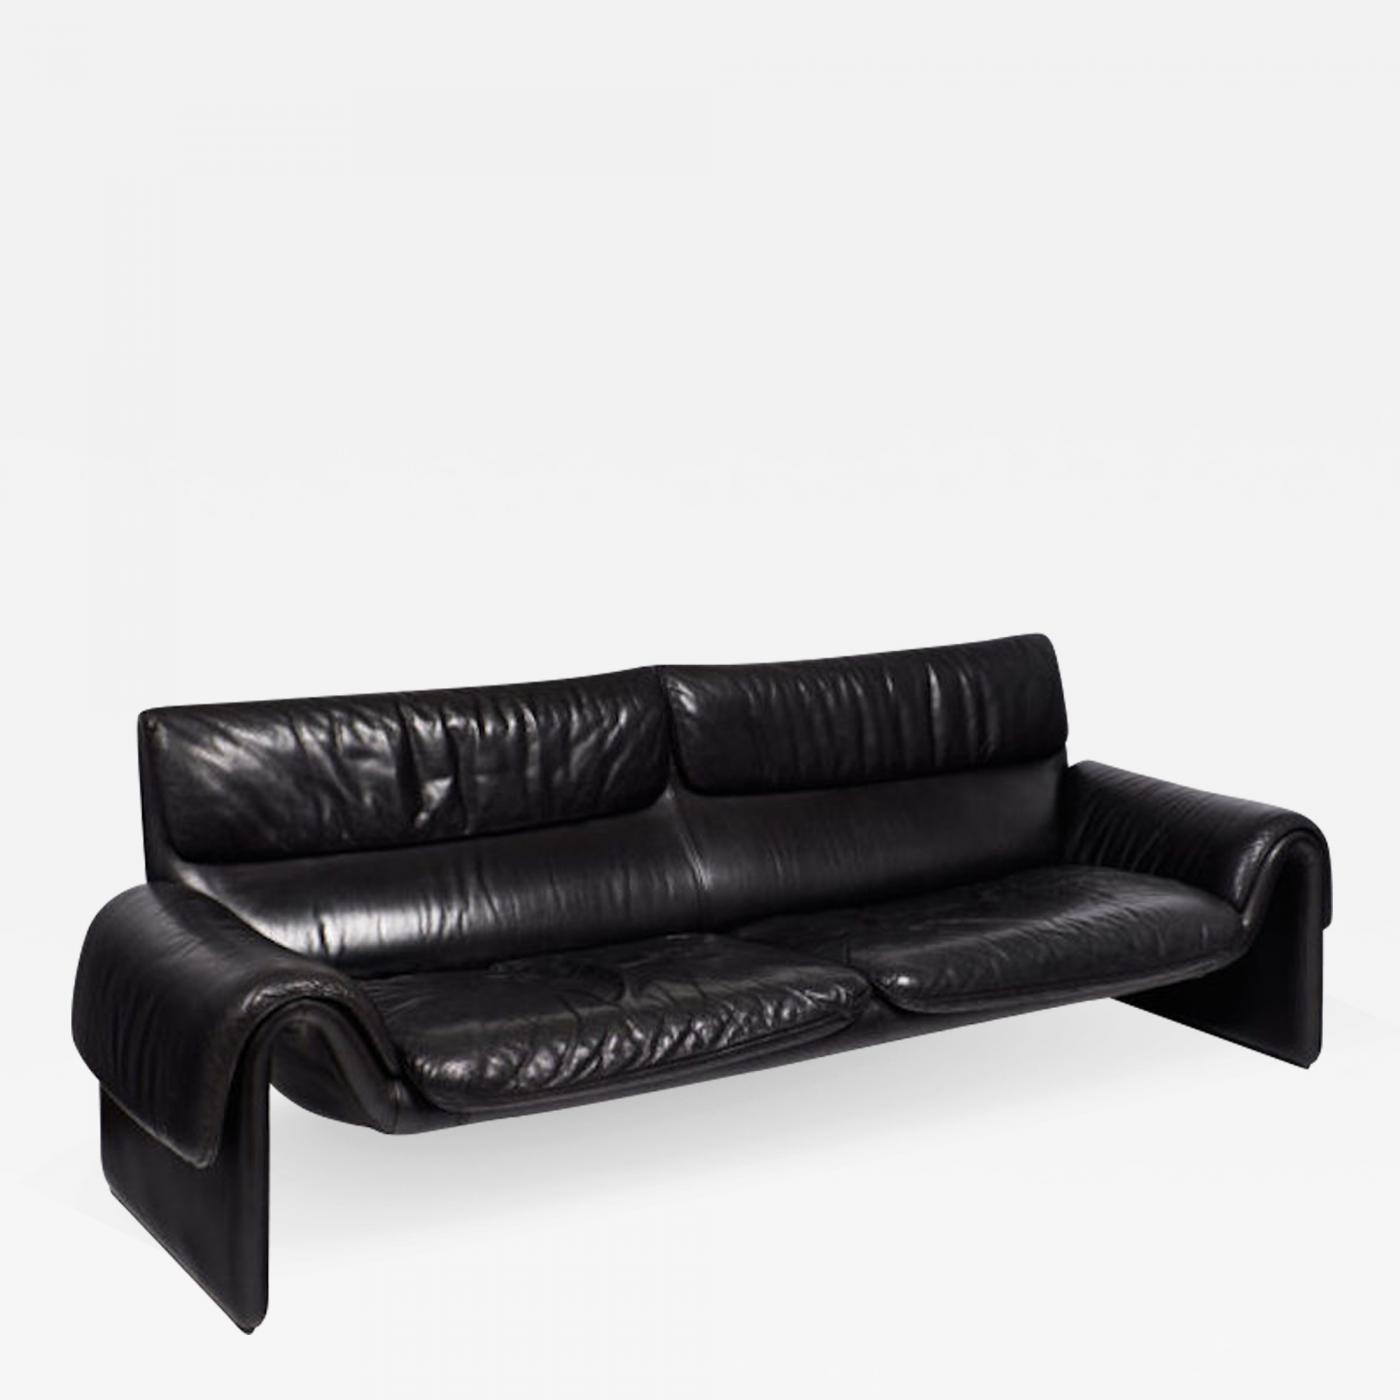 de Sede - Vintage De Sede Black Leather Sofa